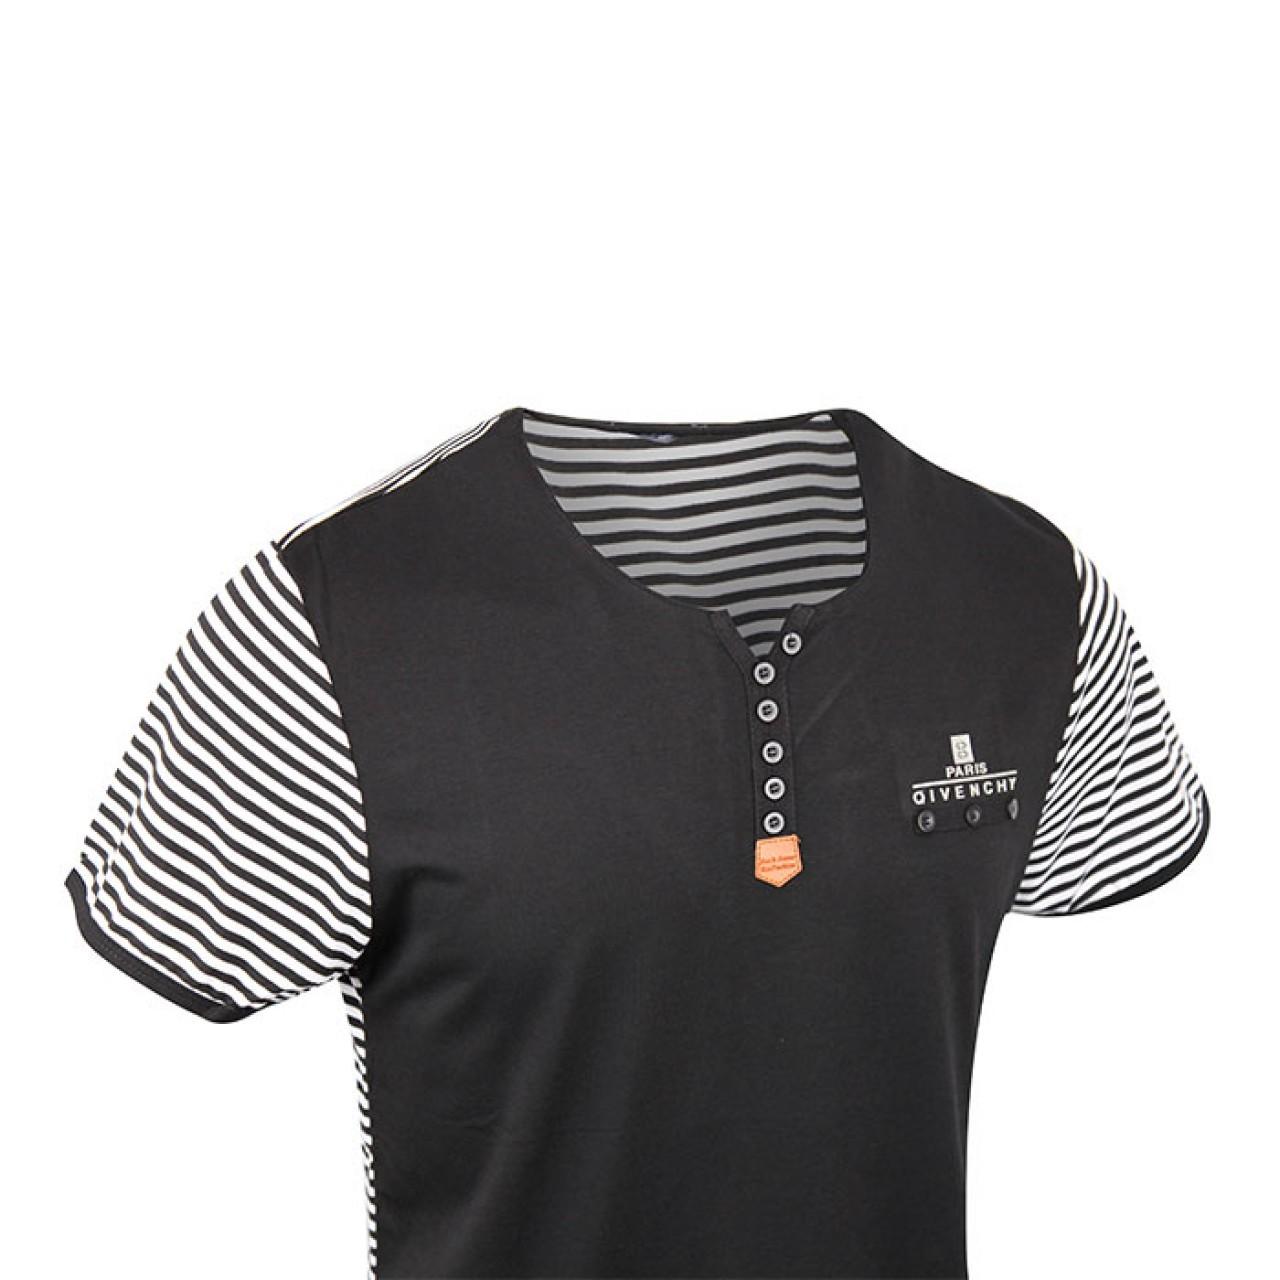 Men's Stylish Black Stripe Crew Neck Tee